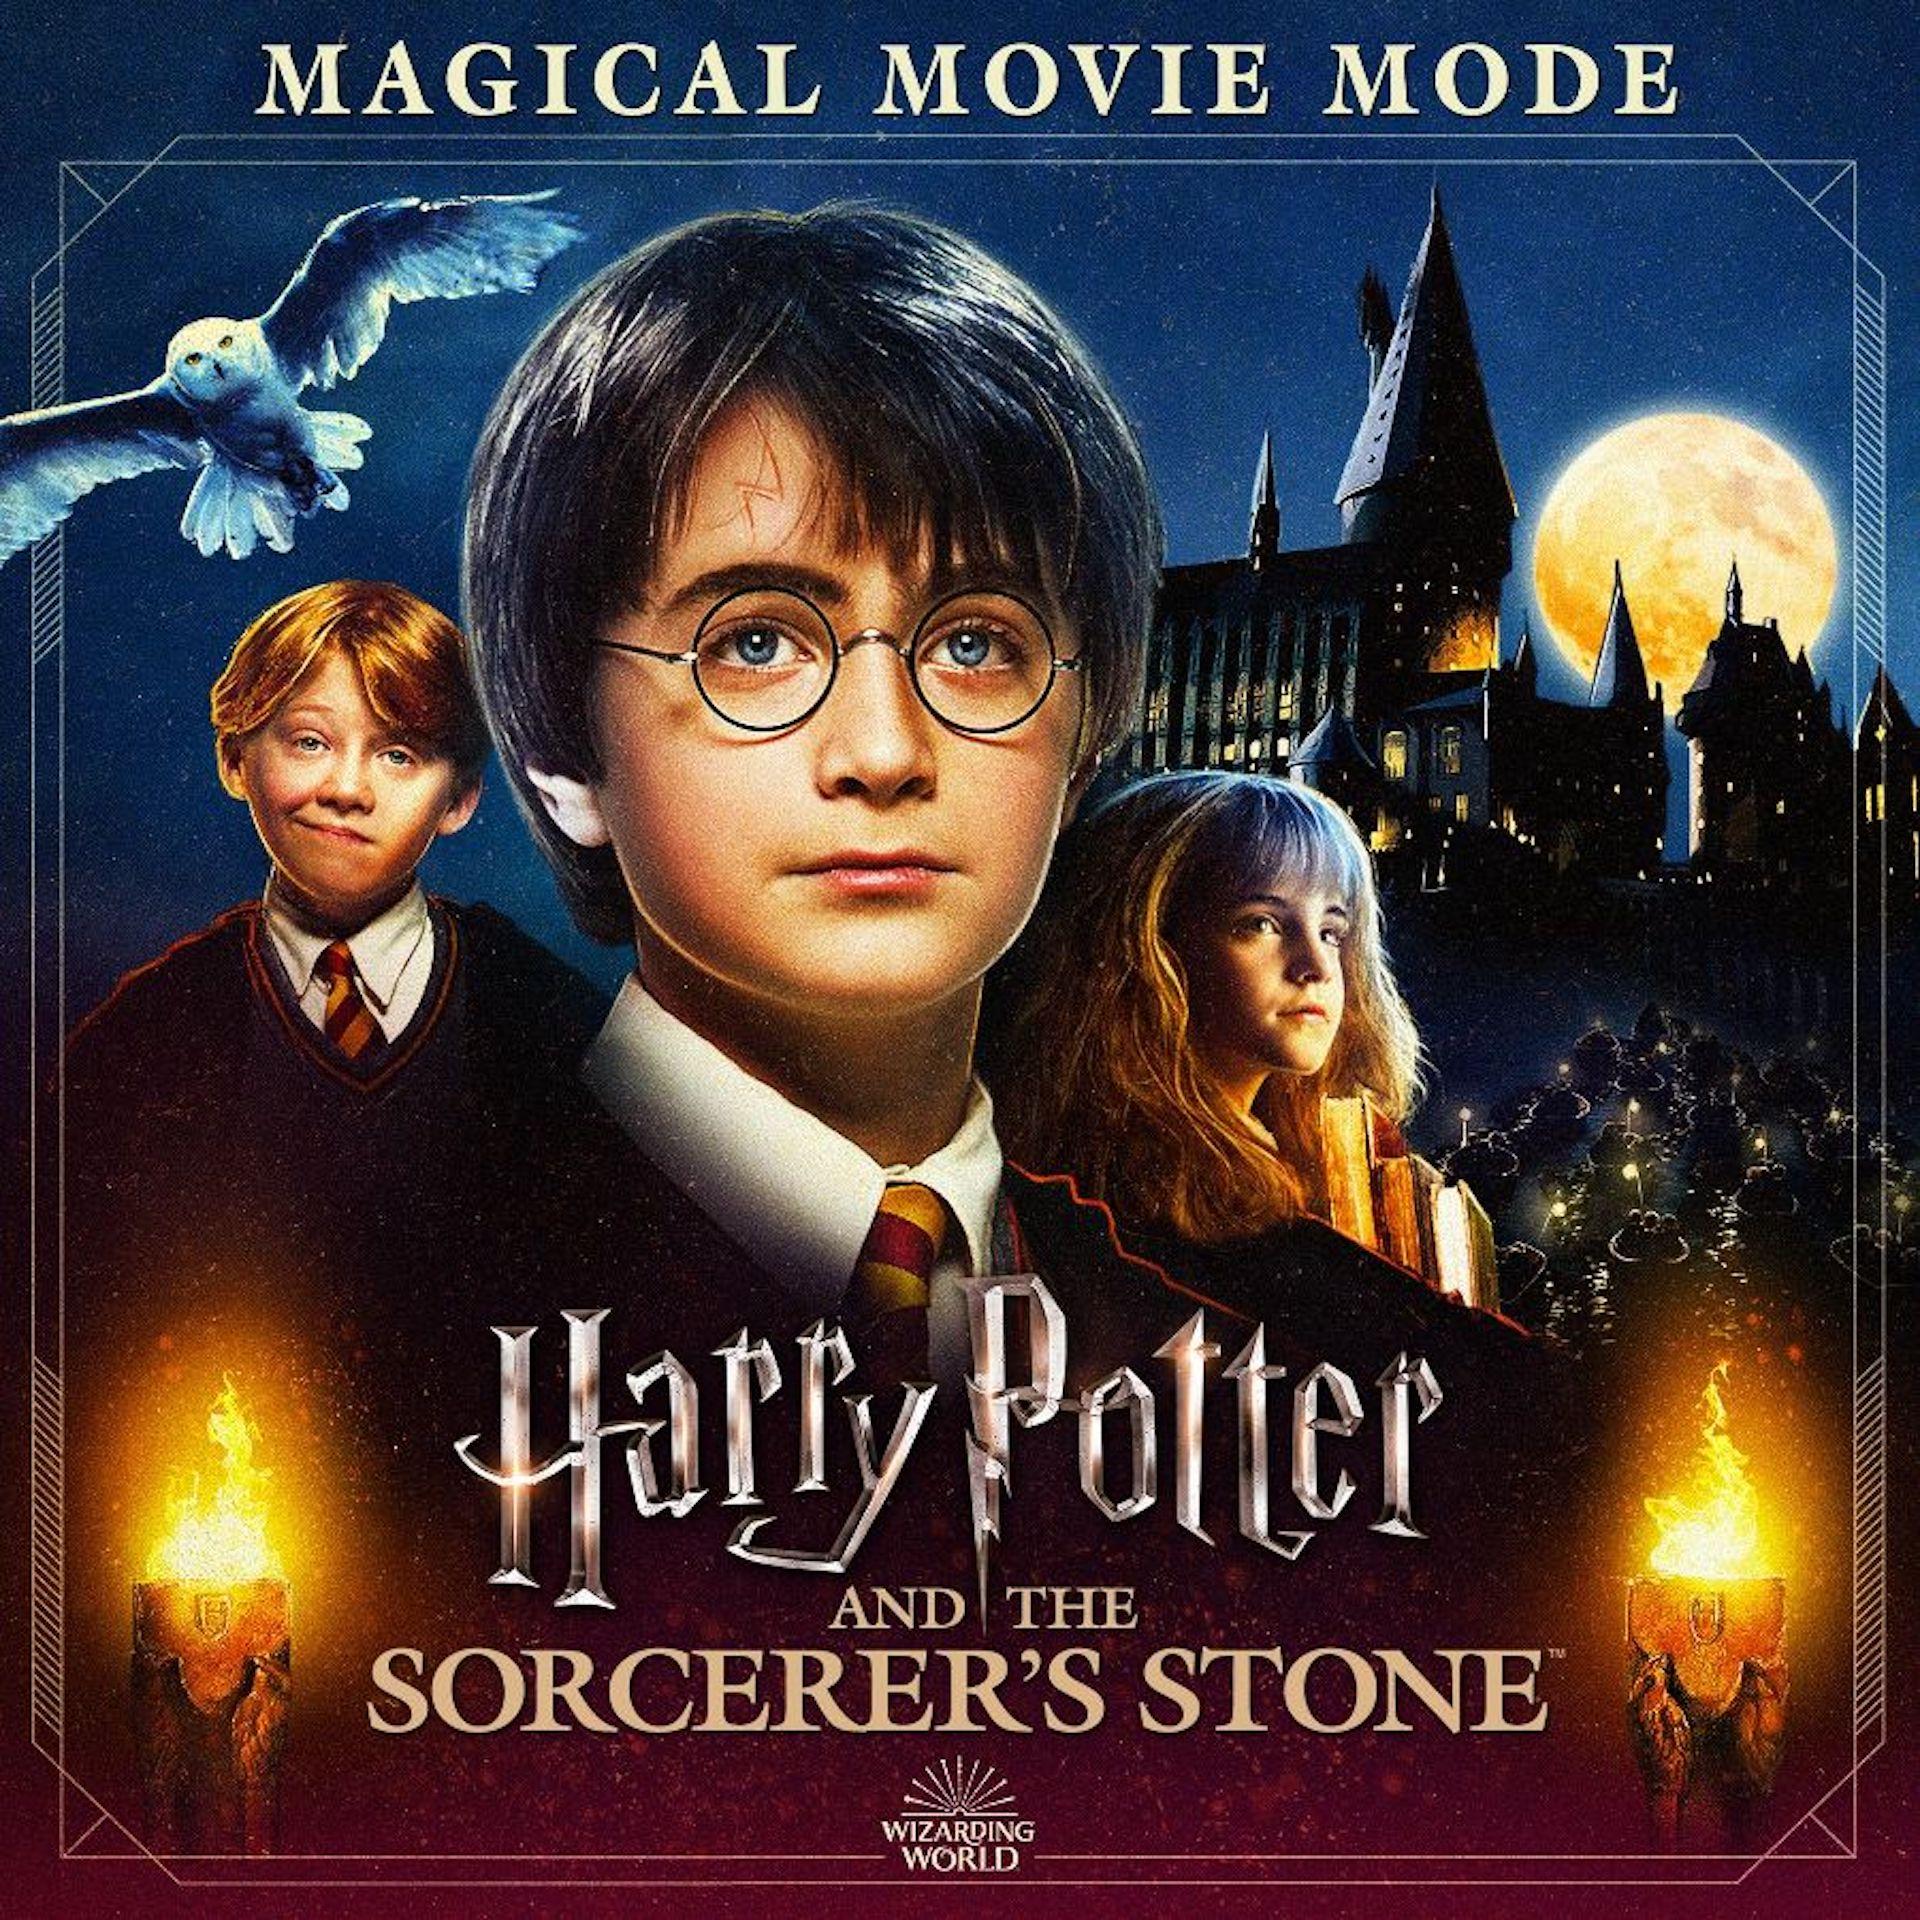 Llega la película Harry Potter y la Piedra Filosofal en formato digital y con extras